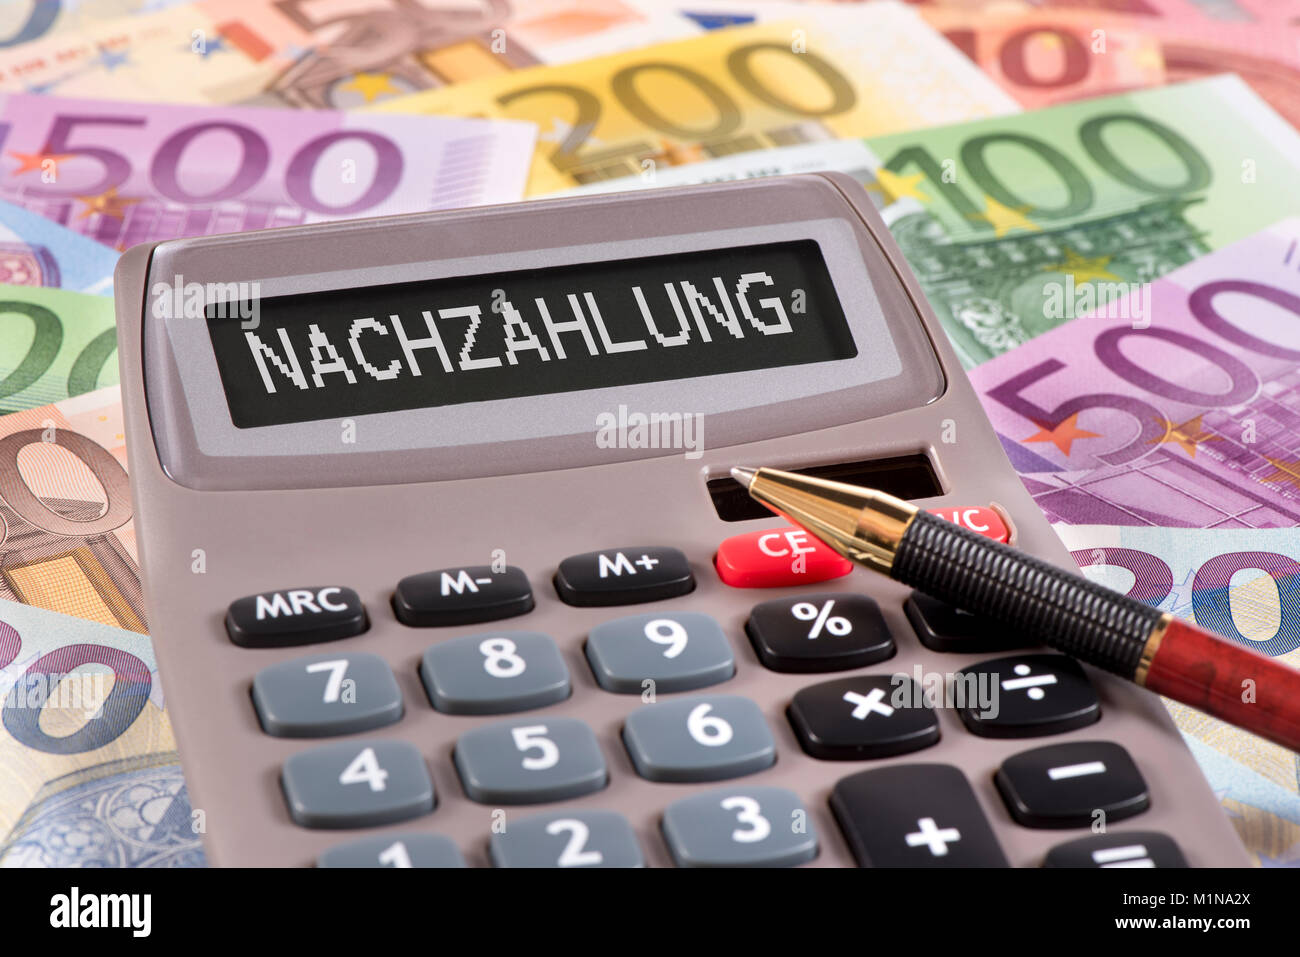 Taschenrechner mit Aufschrift Nachzahlung - Stock Image